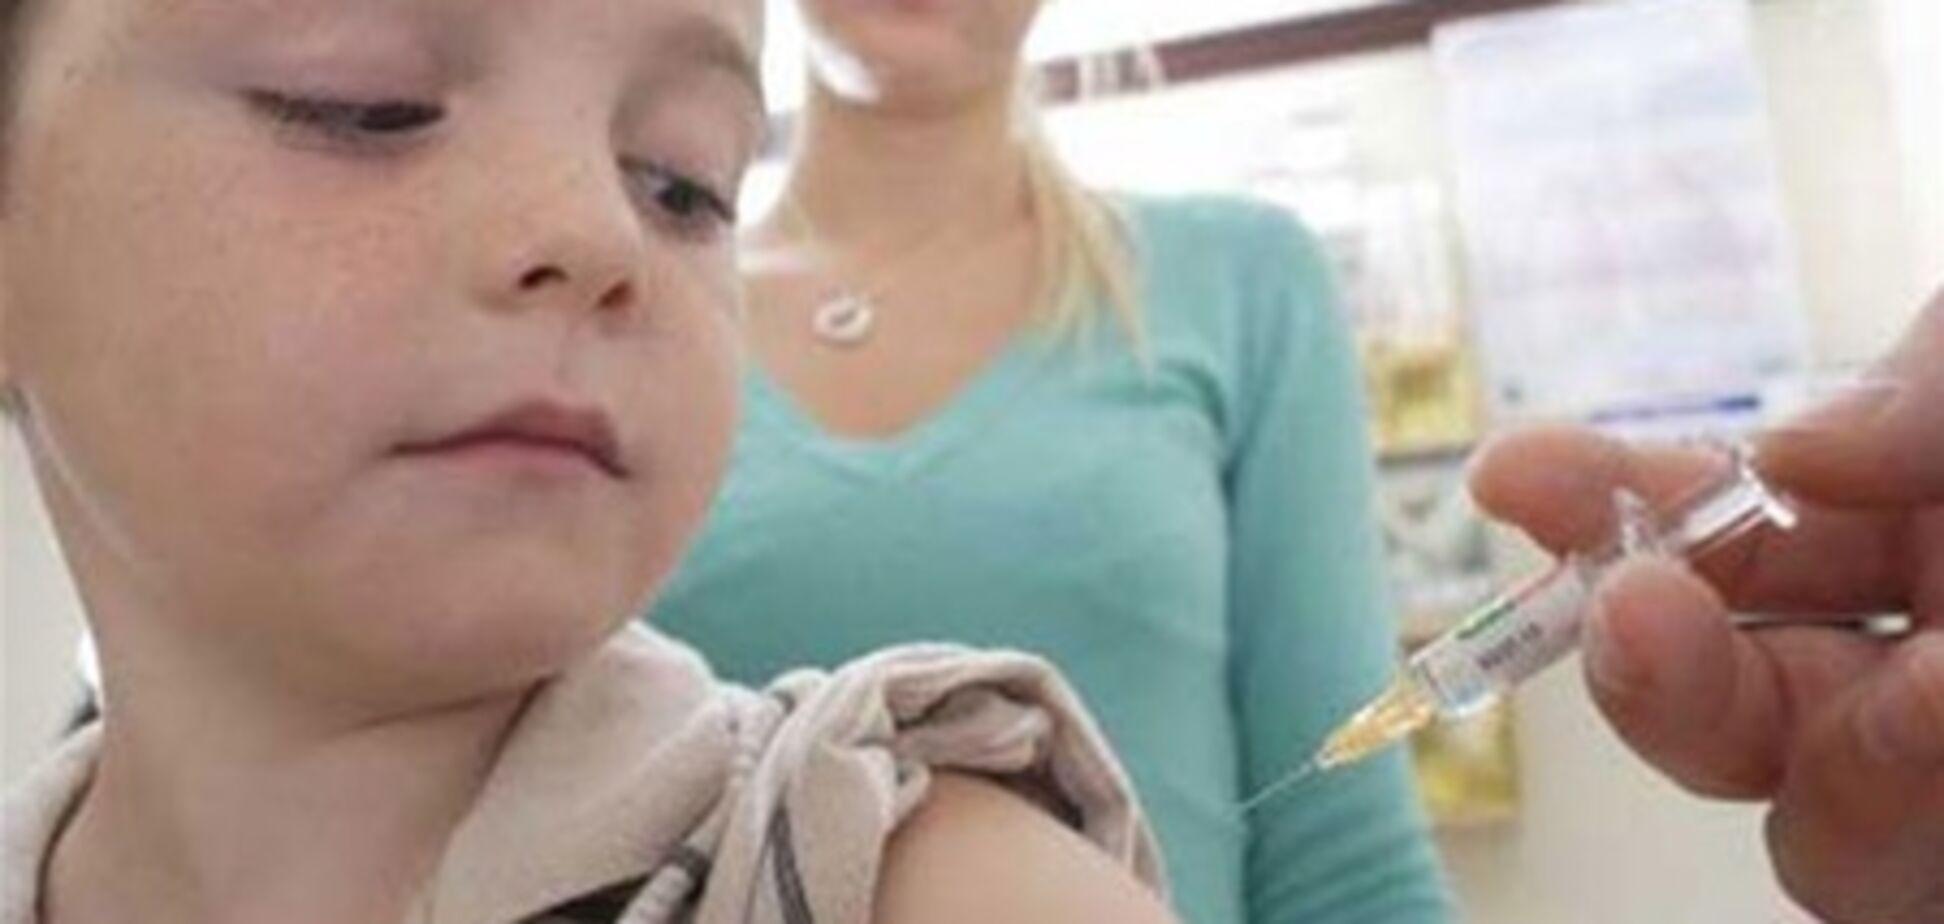 Вакцина против гепатита В защищает в течение 25 лет - ученые